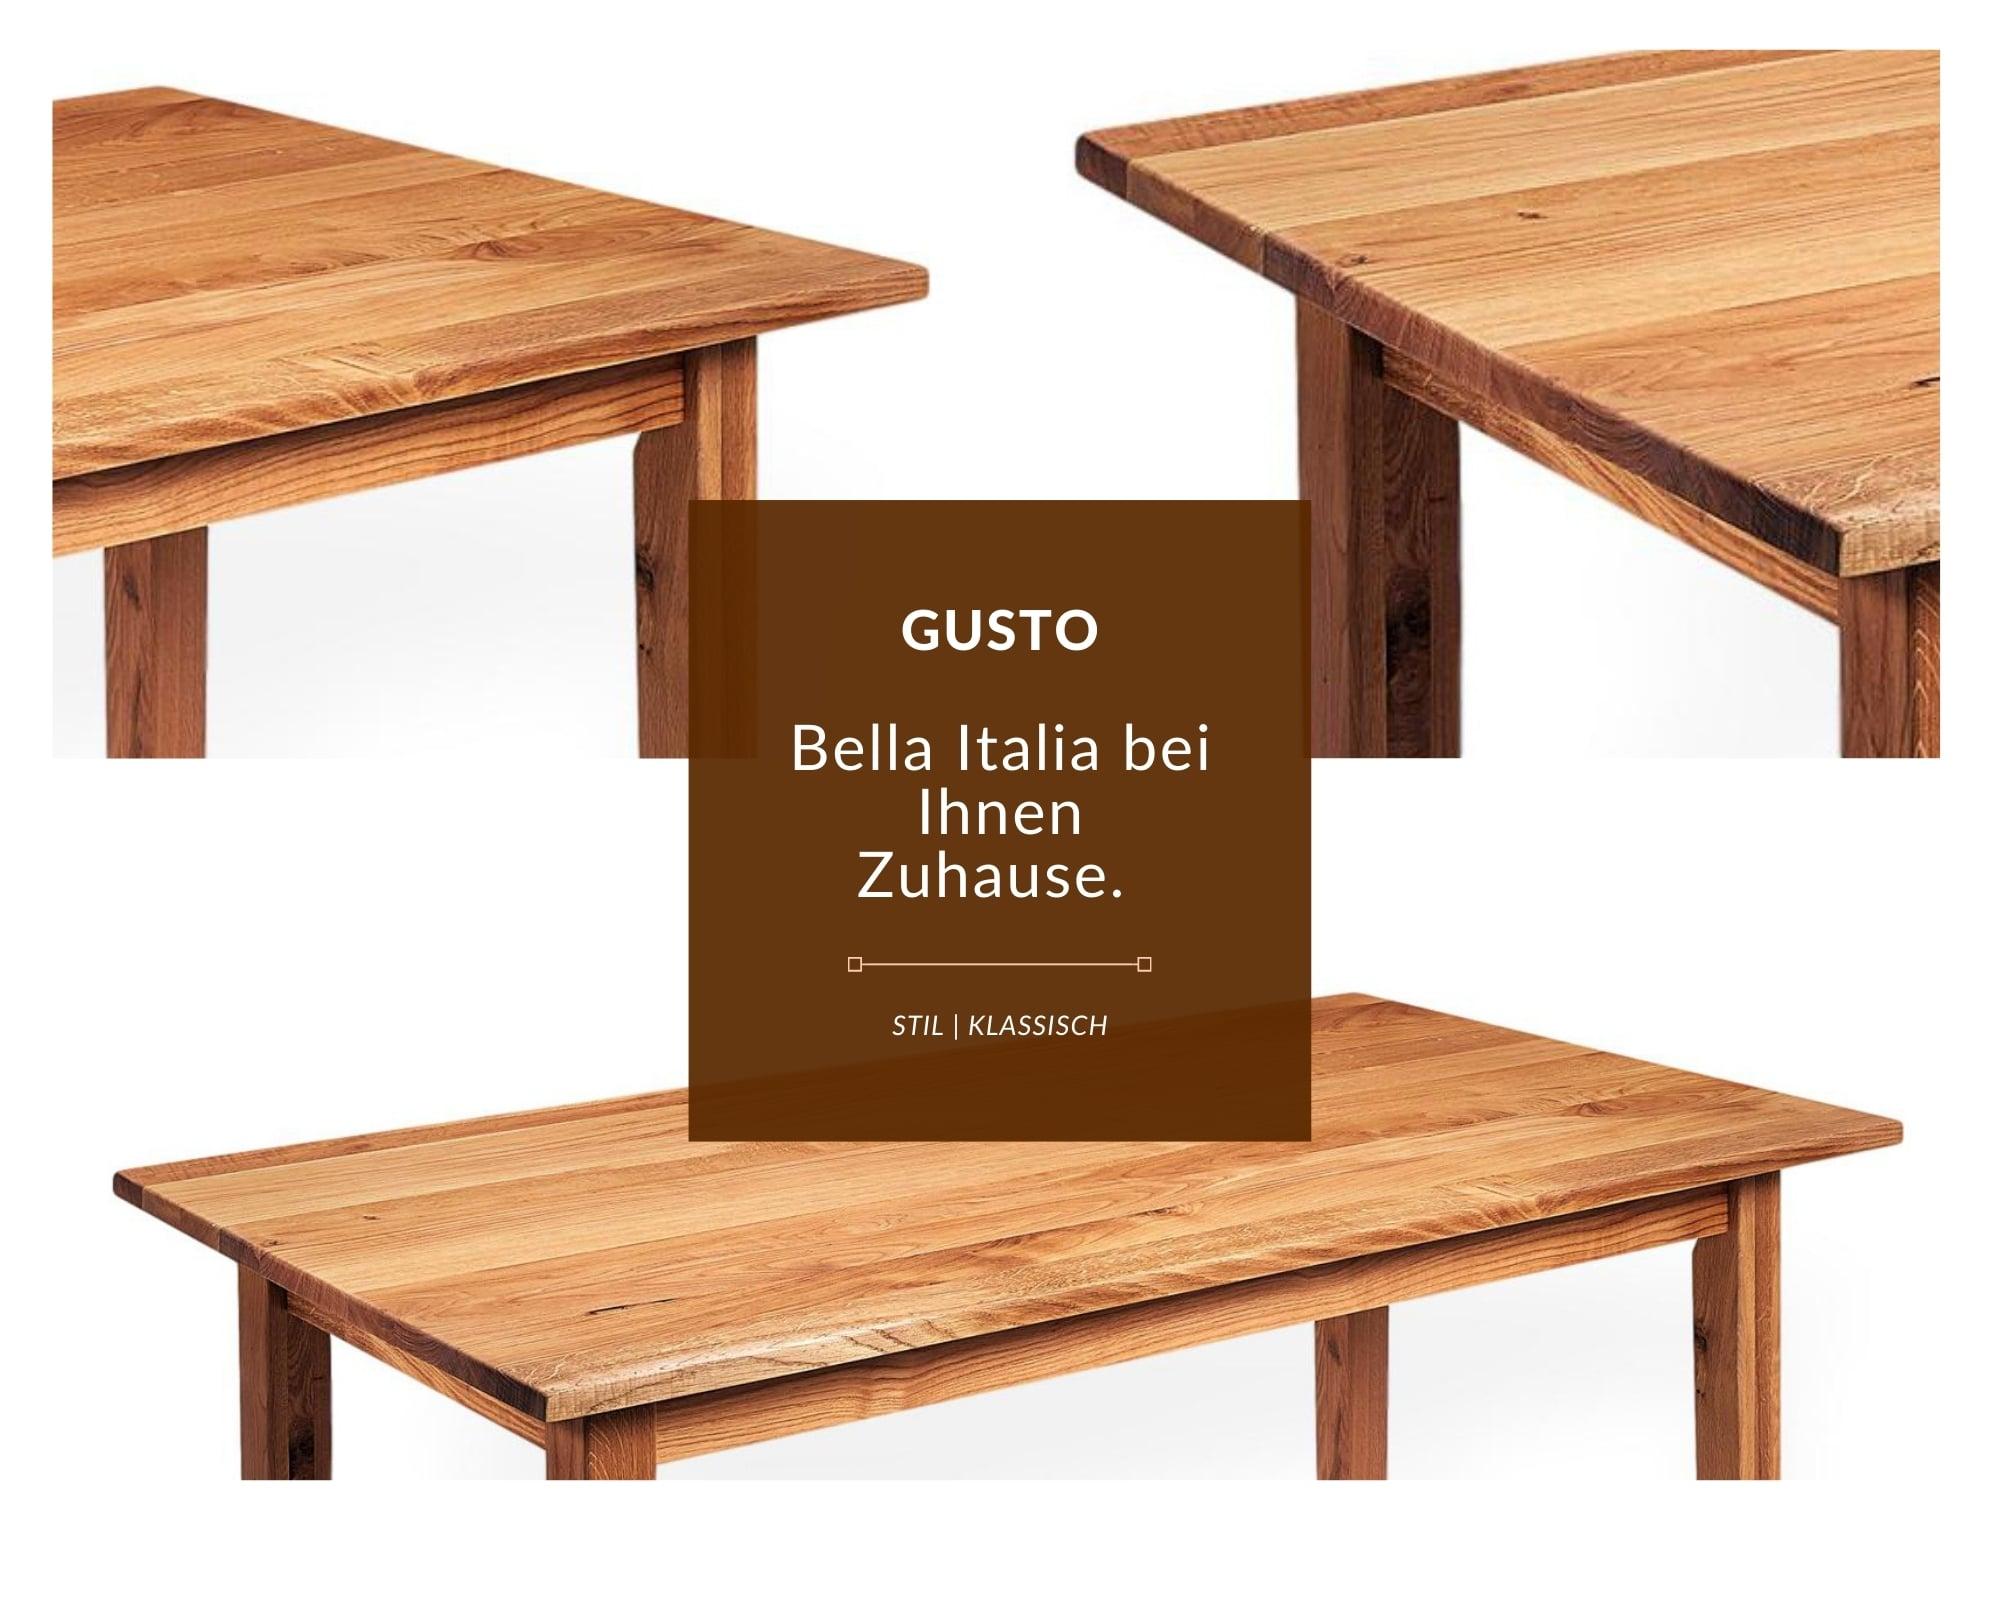 gusto esstisch aus massivholz im klassischen design gusto